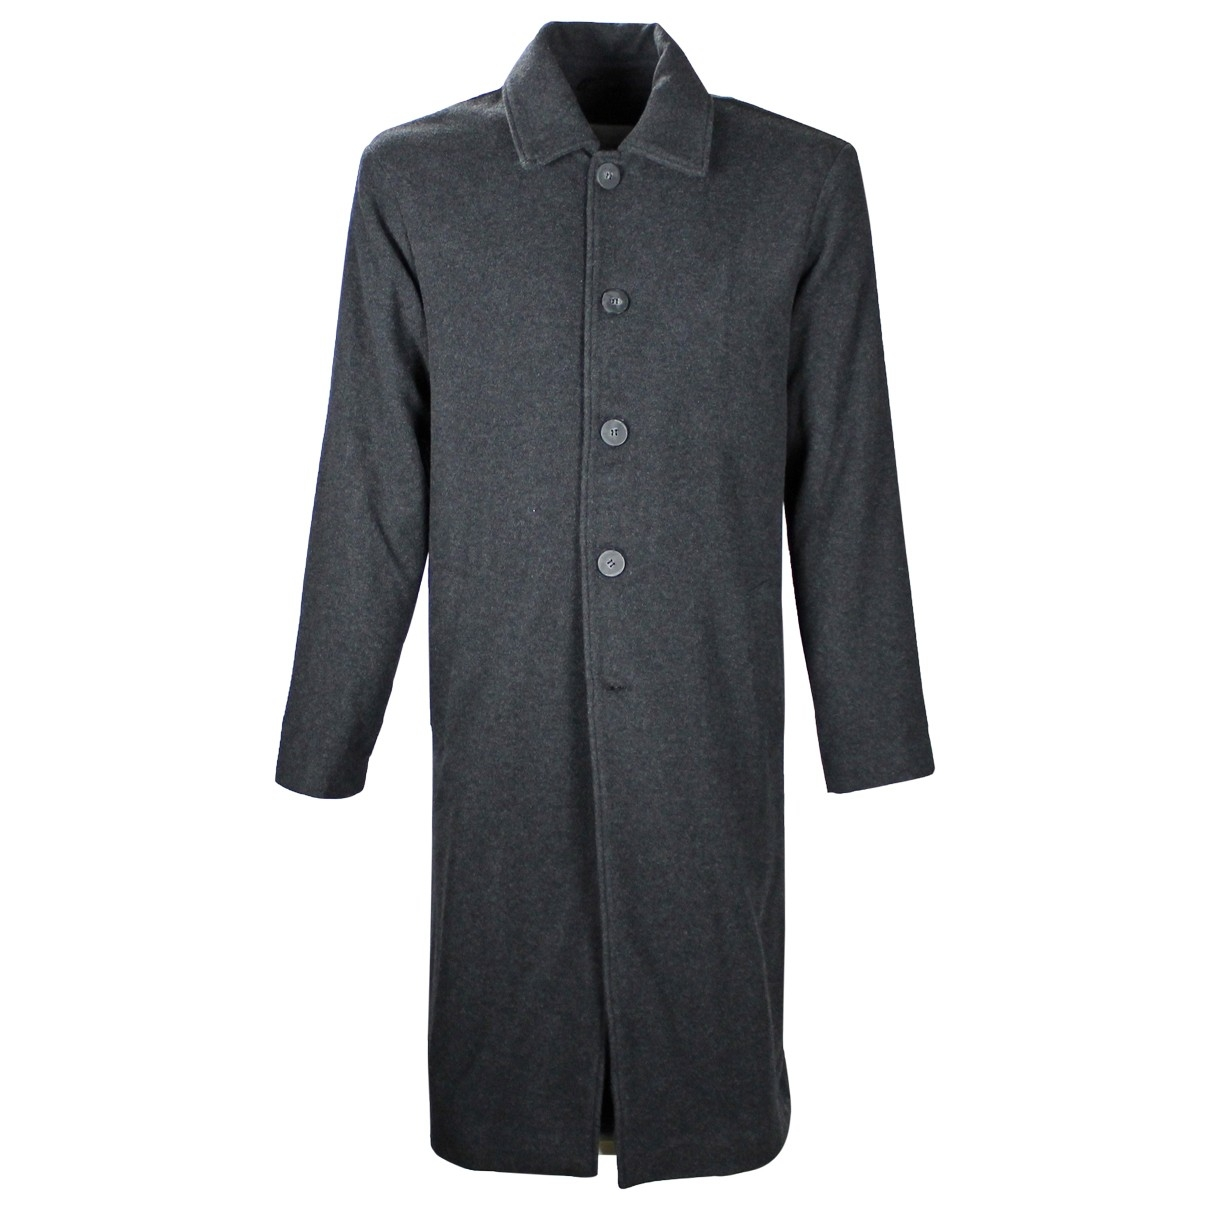 American Vintage \N Anthracite Wool coat  for Men M International